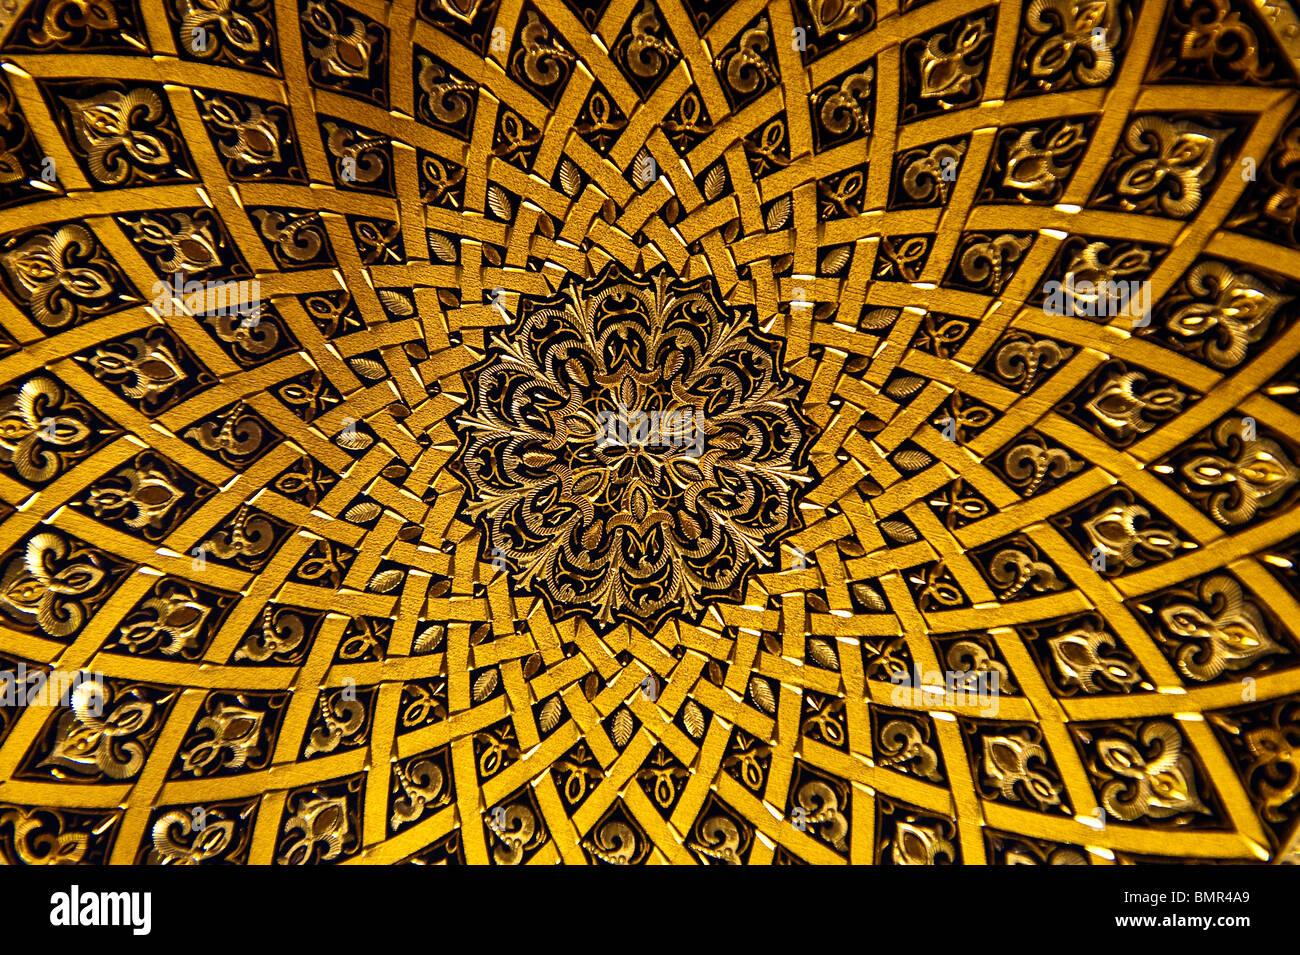 La plaque d'or incrusté de conception, Toledo, Espagne Photo Stock